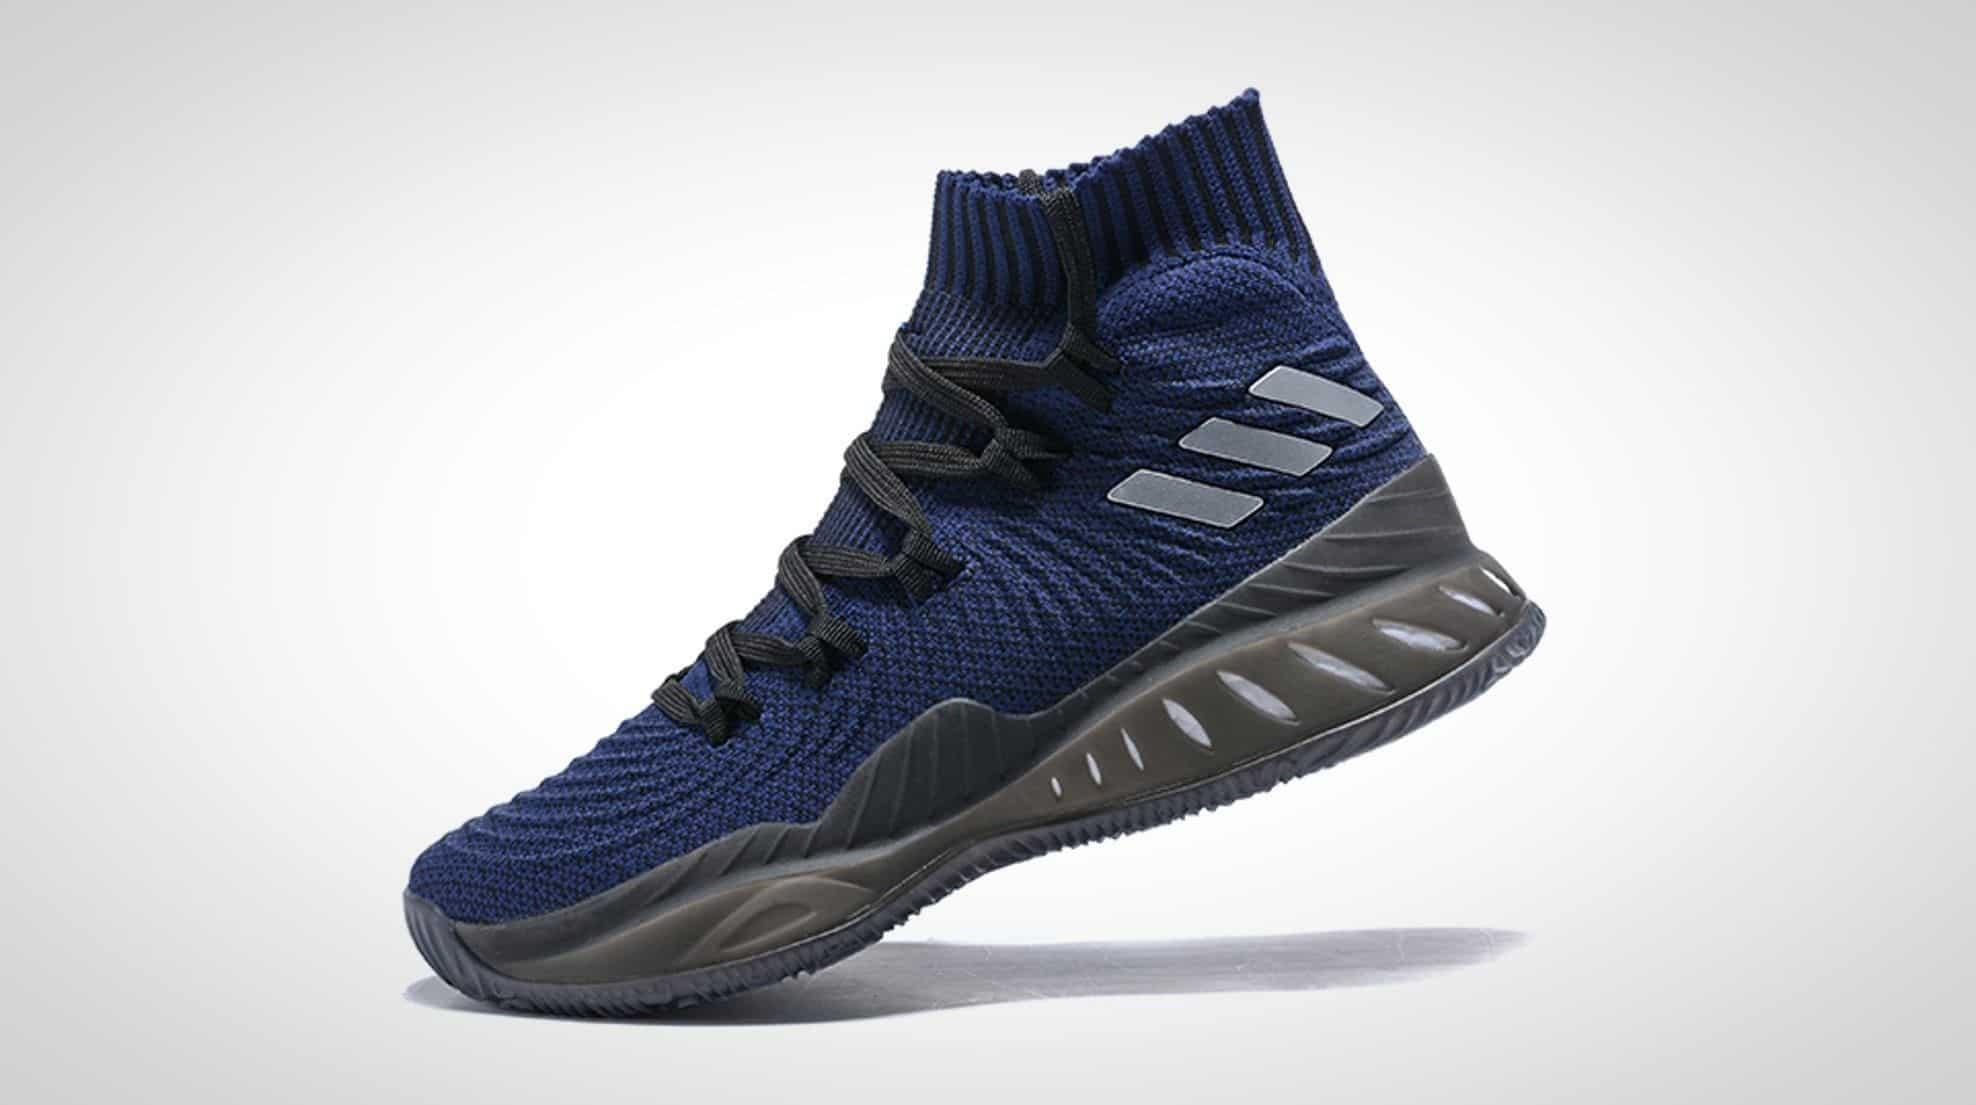 16427f6635cd Adidas Men s Crazy Explosive 2017 Primeknit Shoe Review ...